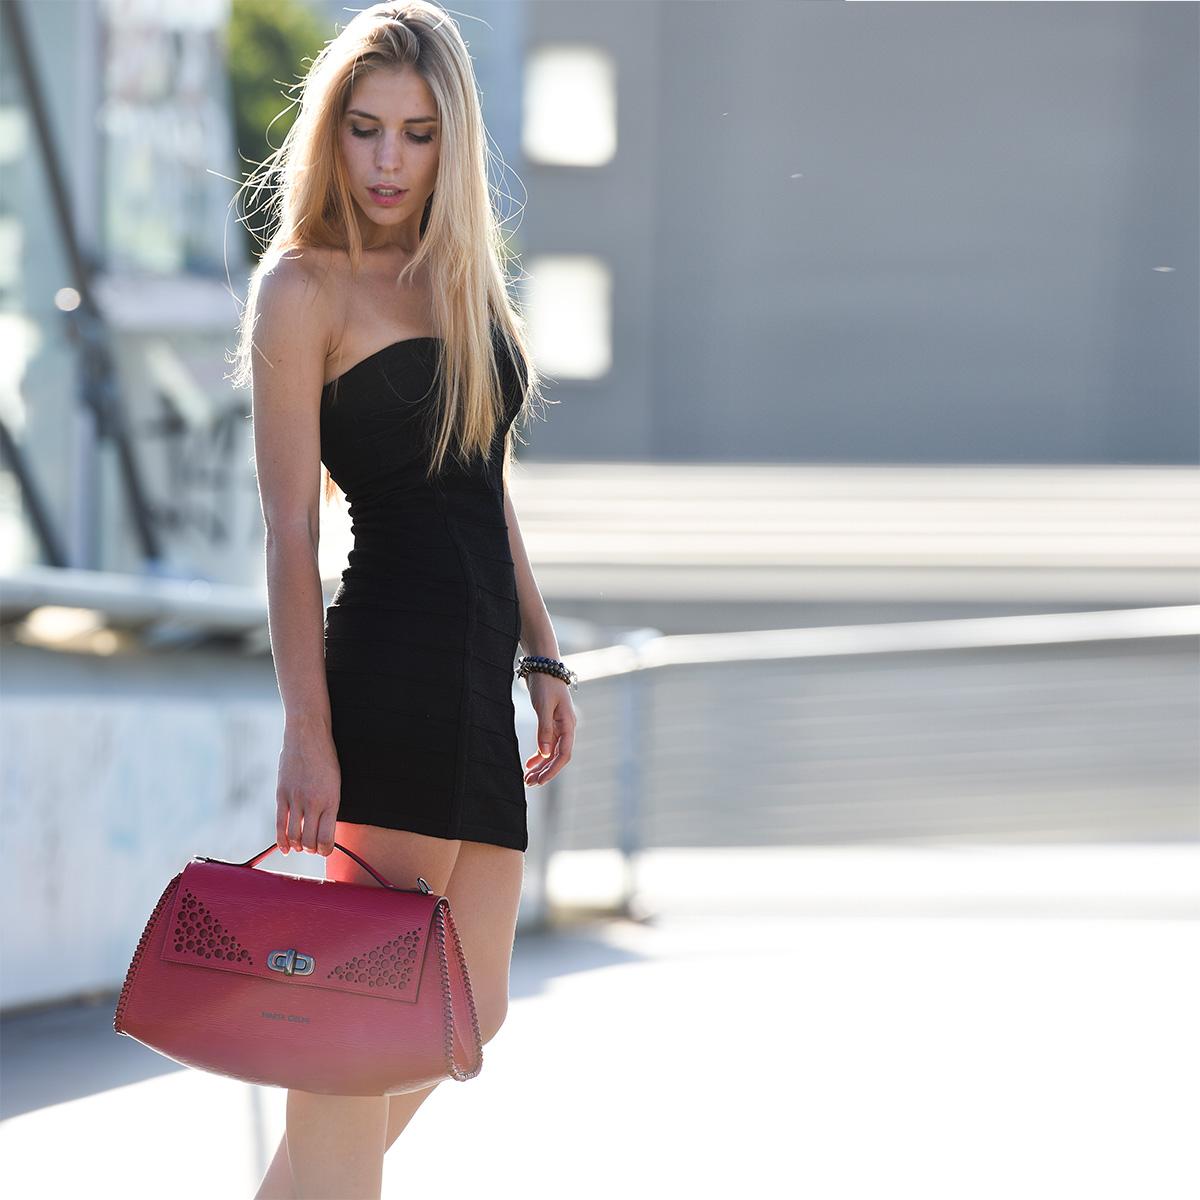 Servizio Fotografico Moda e Fashion